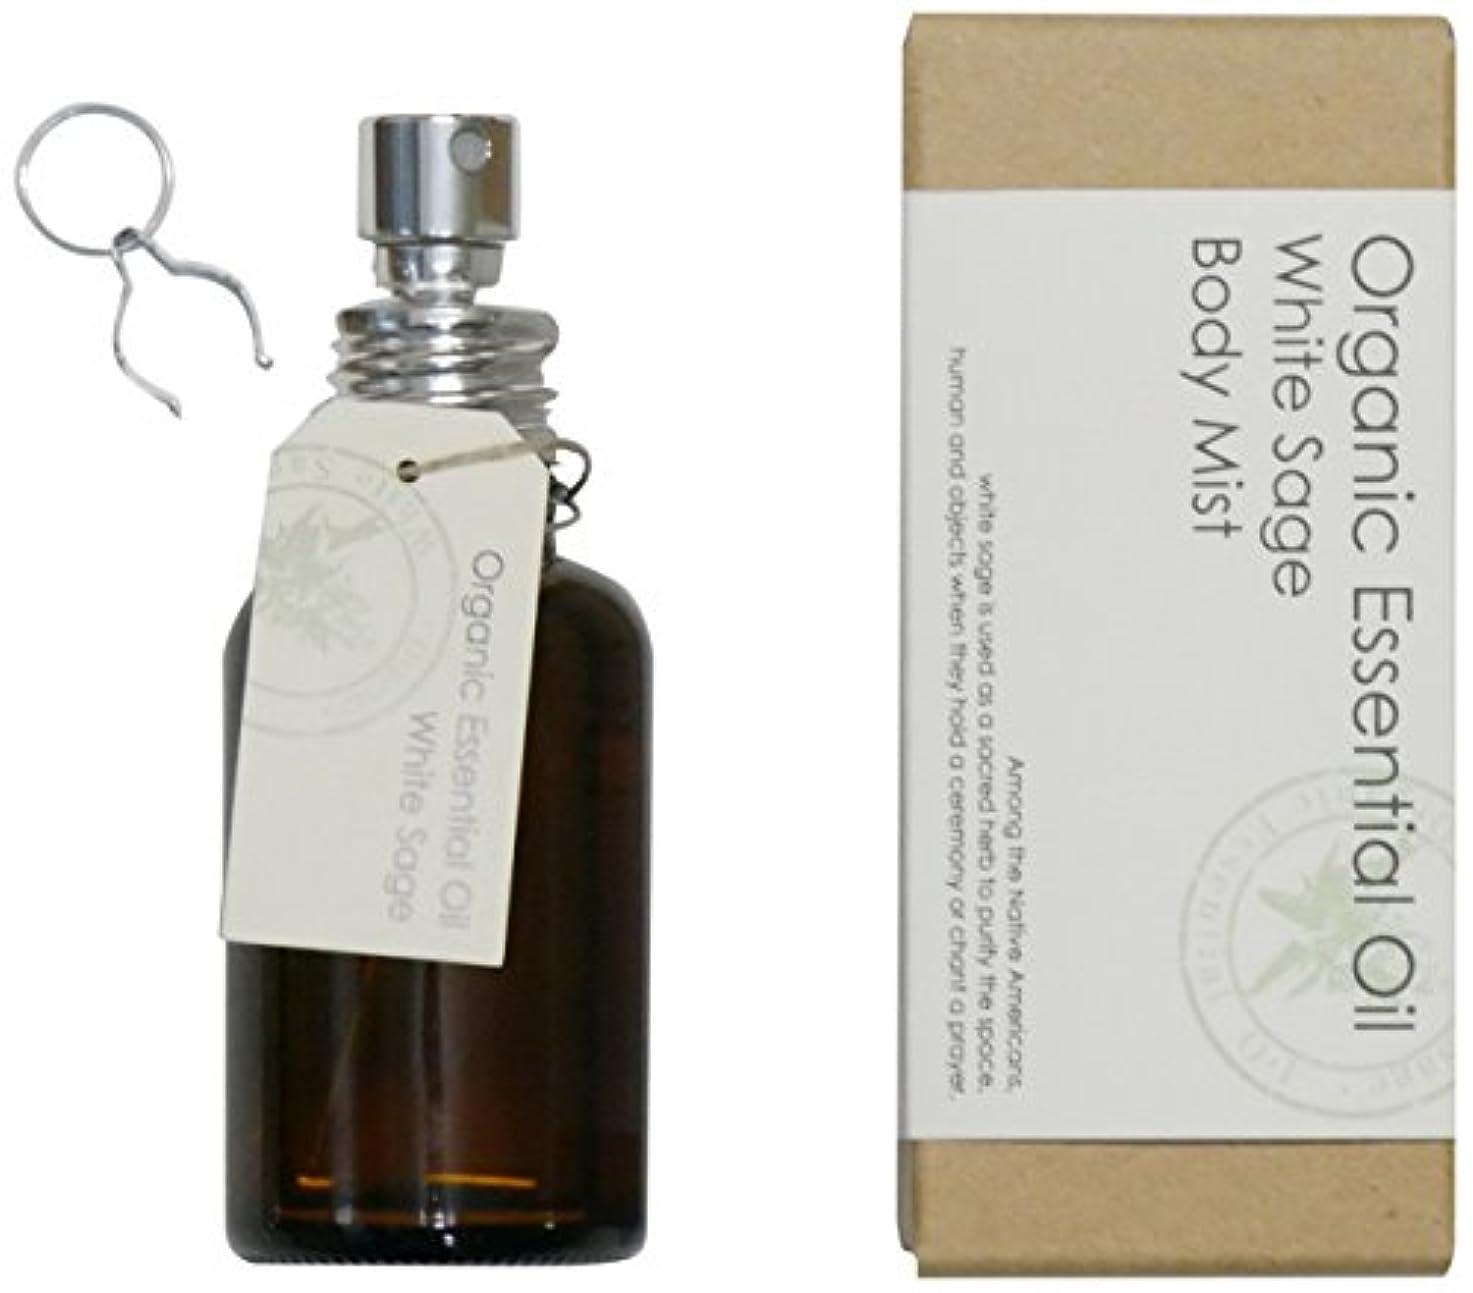 永遠の耐えられない資本主義アロマレコルト ボディミスト ホワイトセージ 【White Sage】オーガニック エッセンシャルオイル organic essential oil natural body mist arome recolte